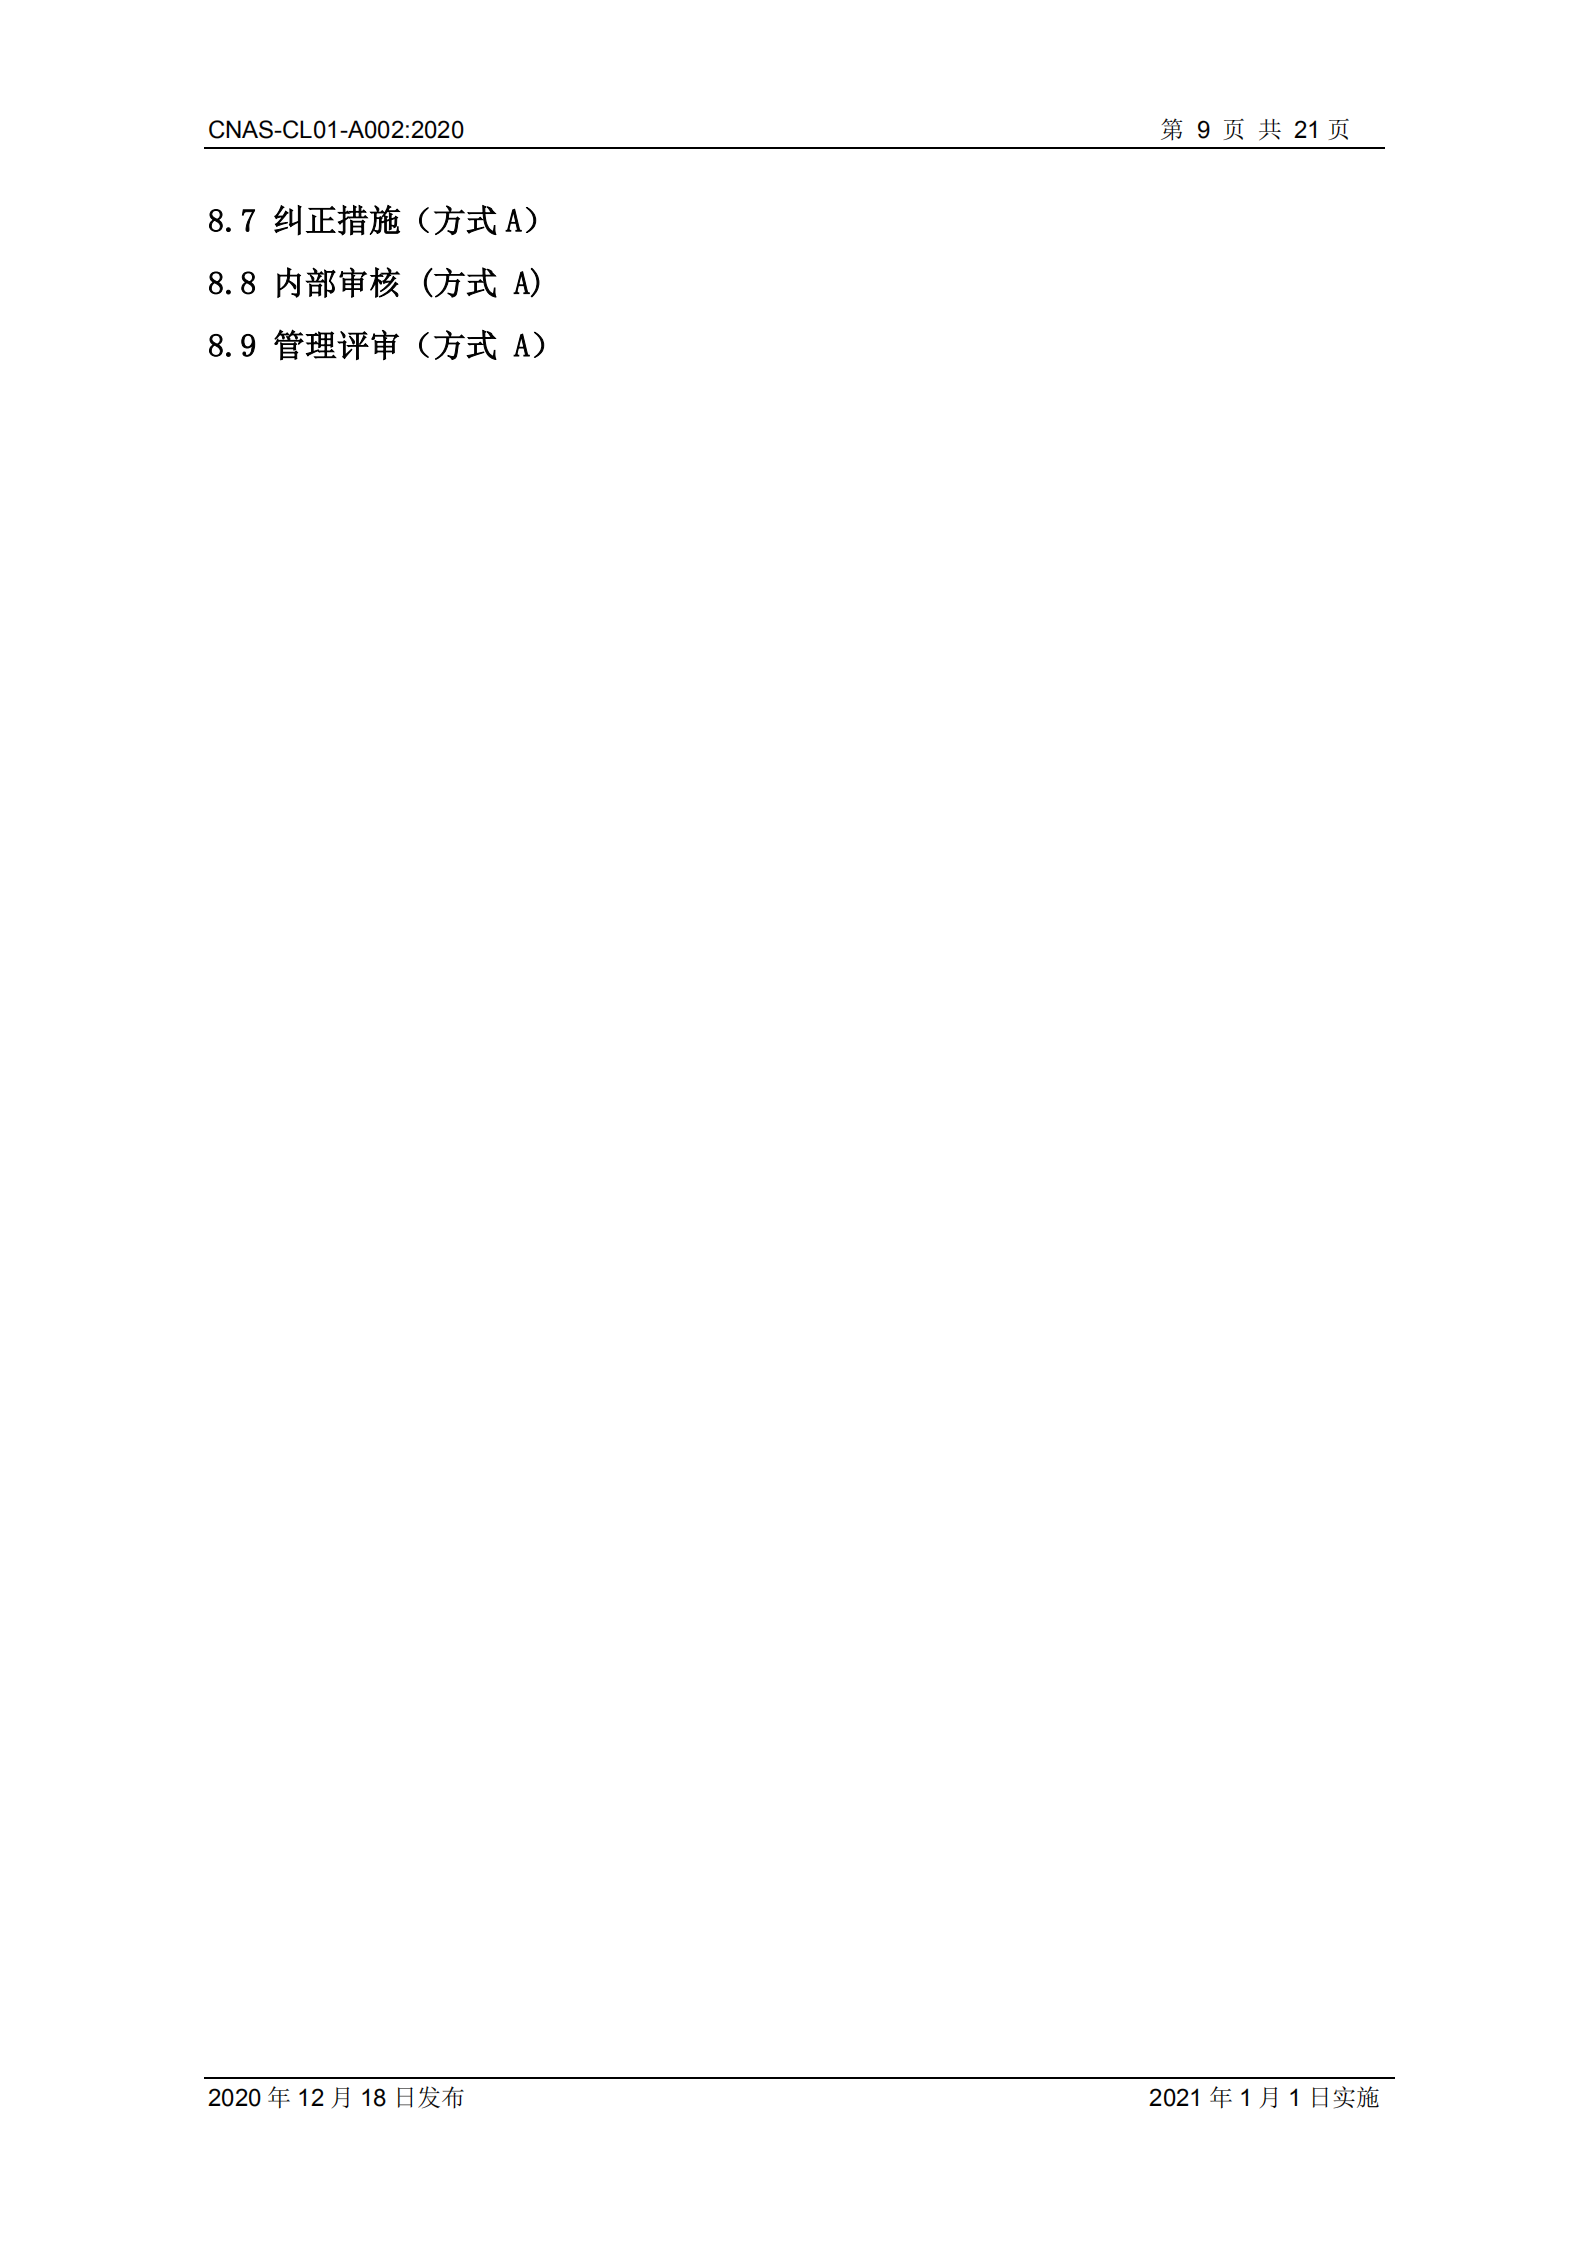 CNAS-CL01-A002_2020_09.png